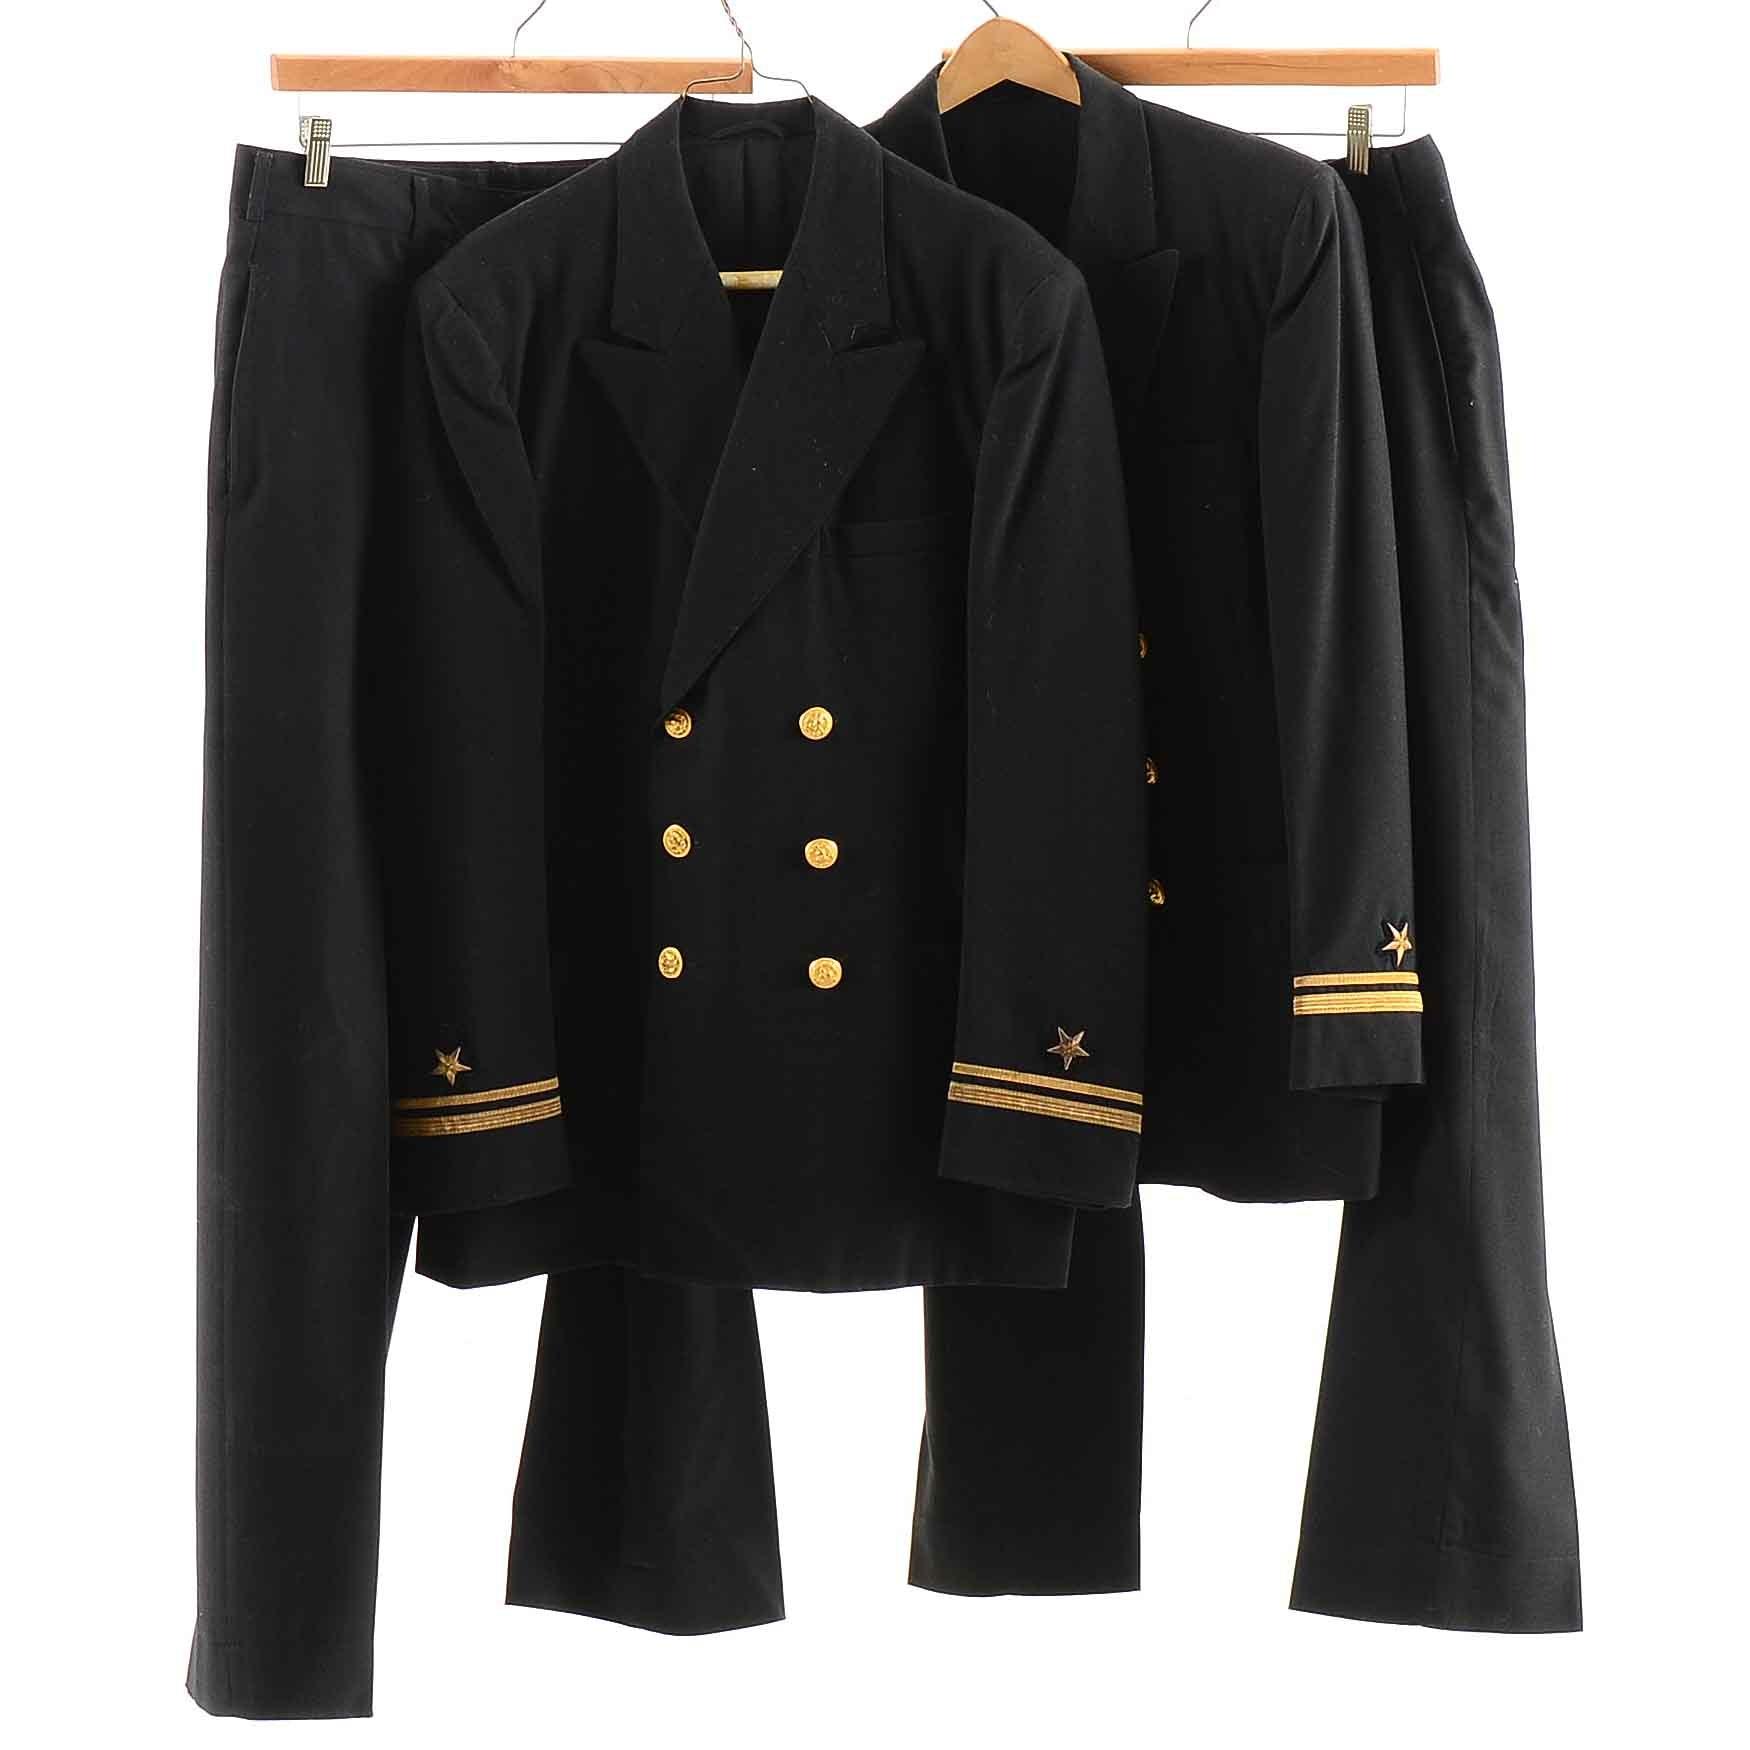 Men's Vintage Naval Uniforms